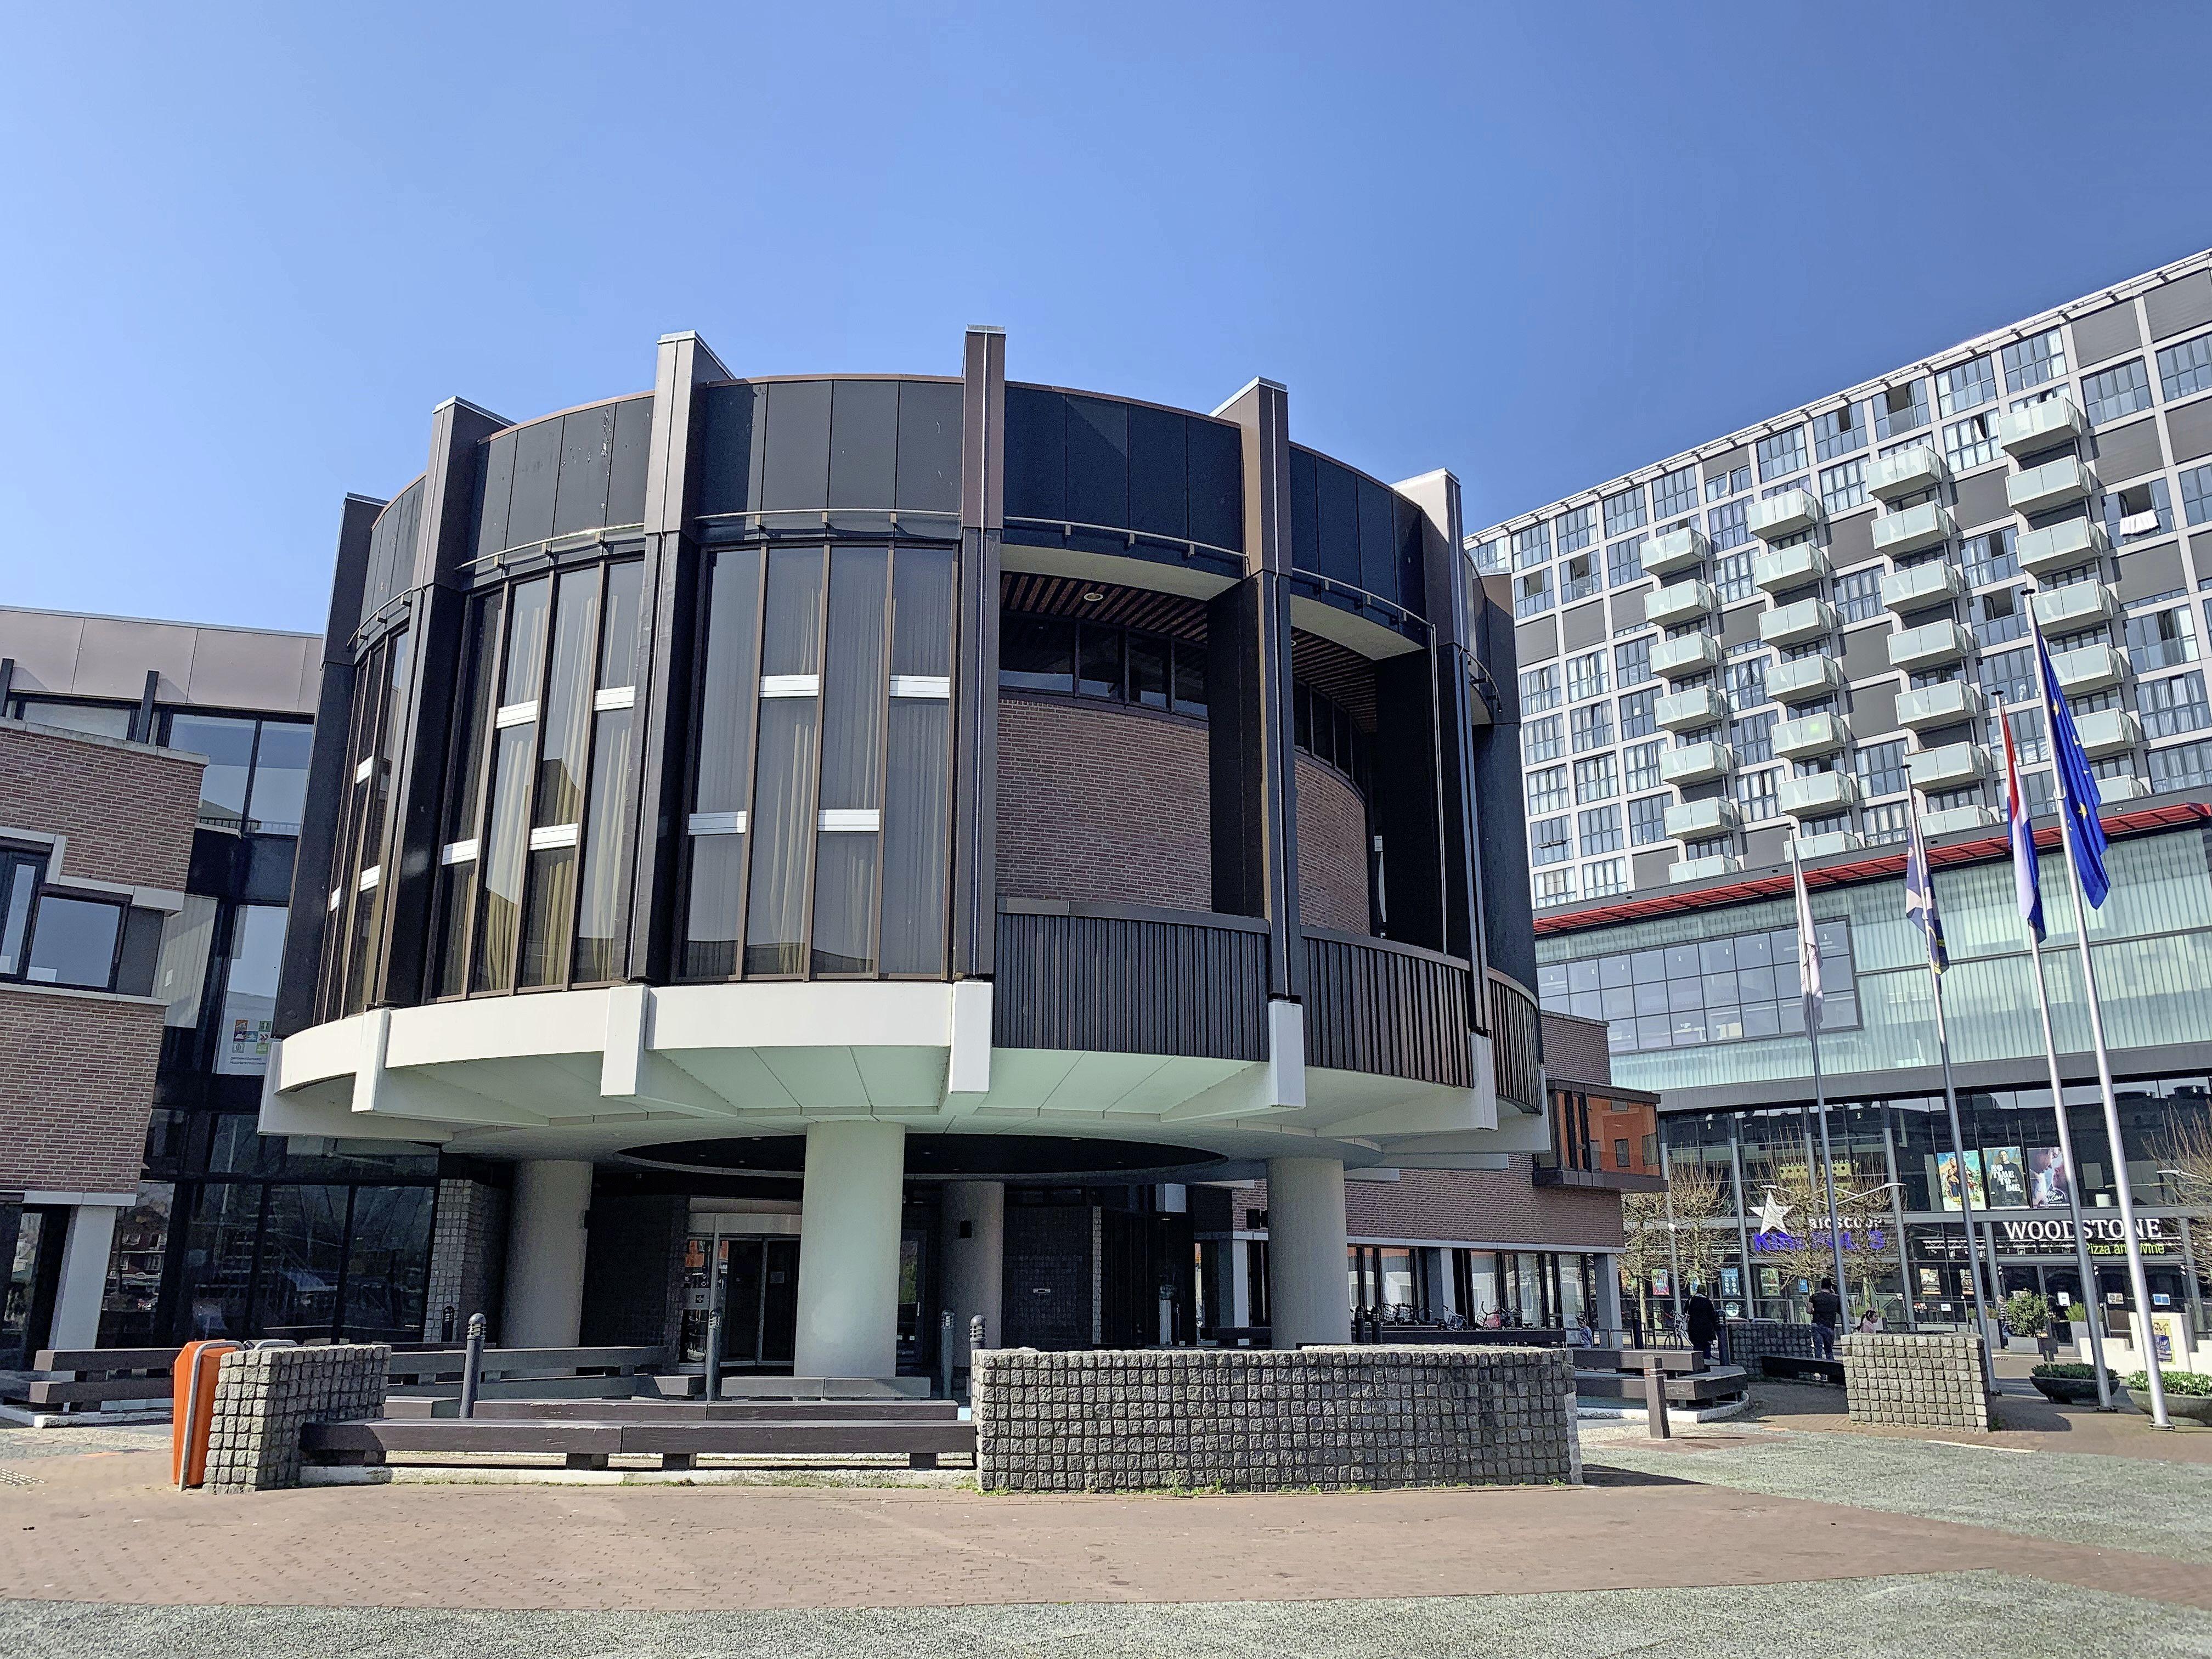 Architecten uitgedaagd: maak een ontwerp voor het nieuwe raadhuis van Hoofddorp